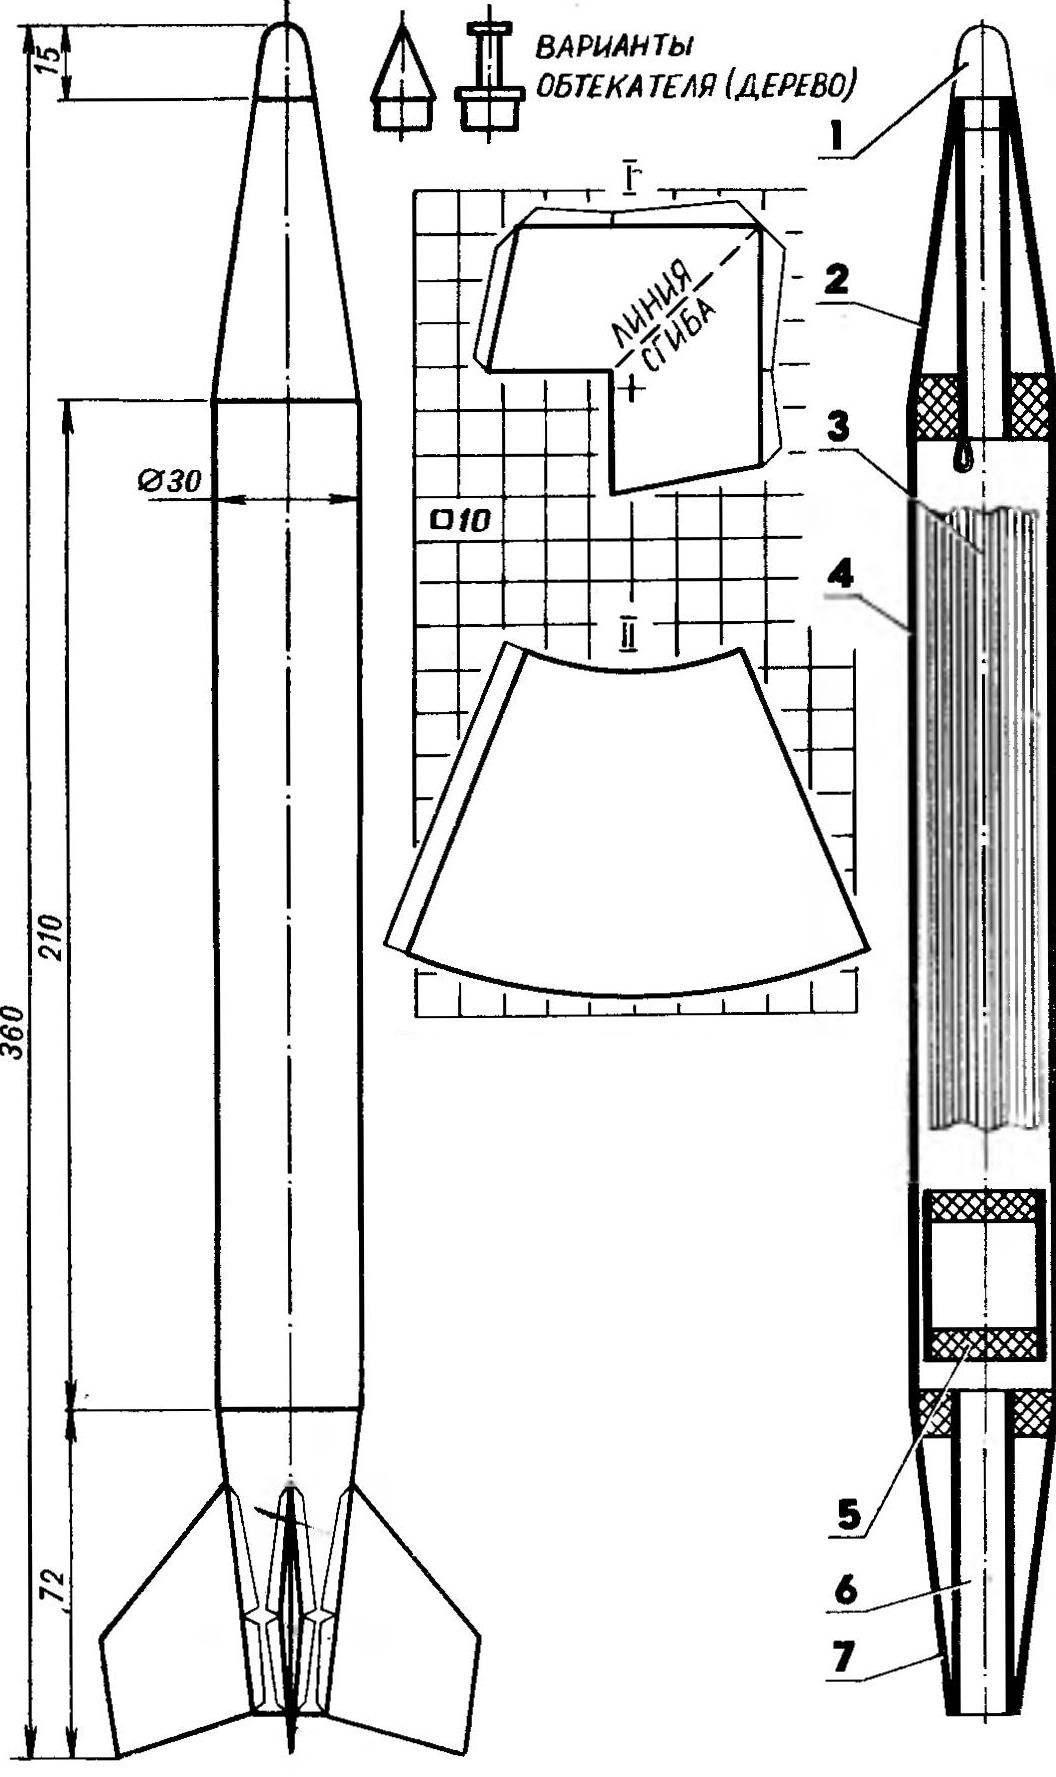 Рис. 3. Модель ракеты «Фикс»